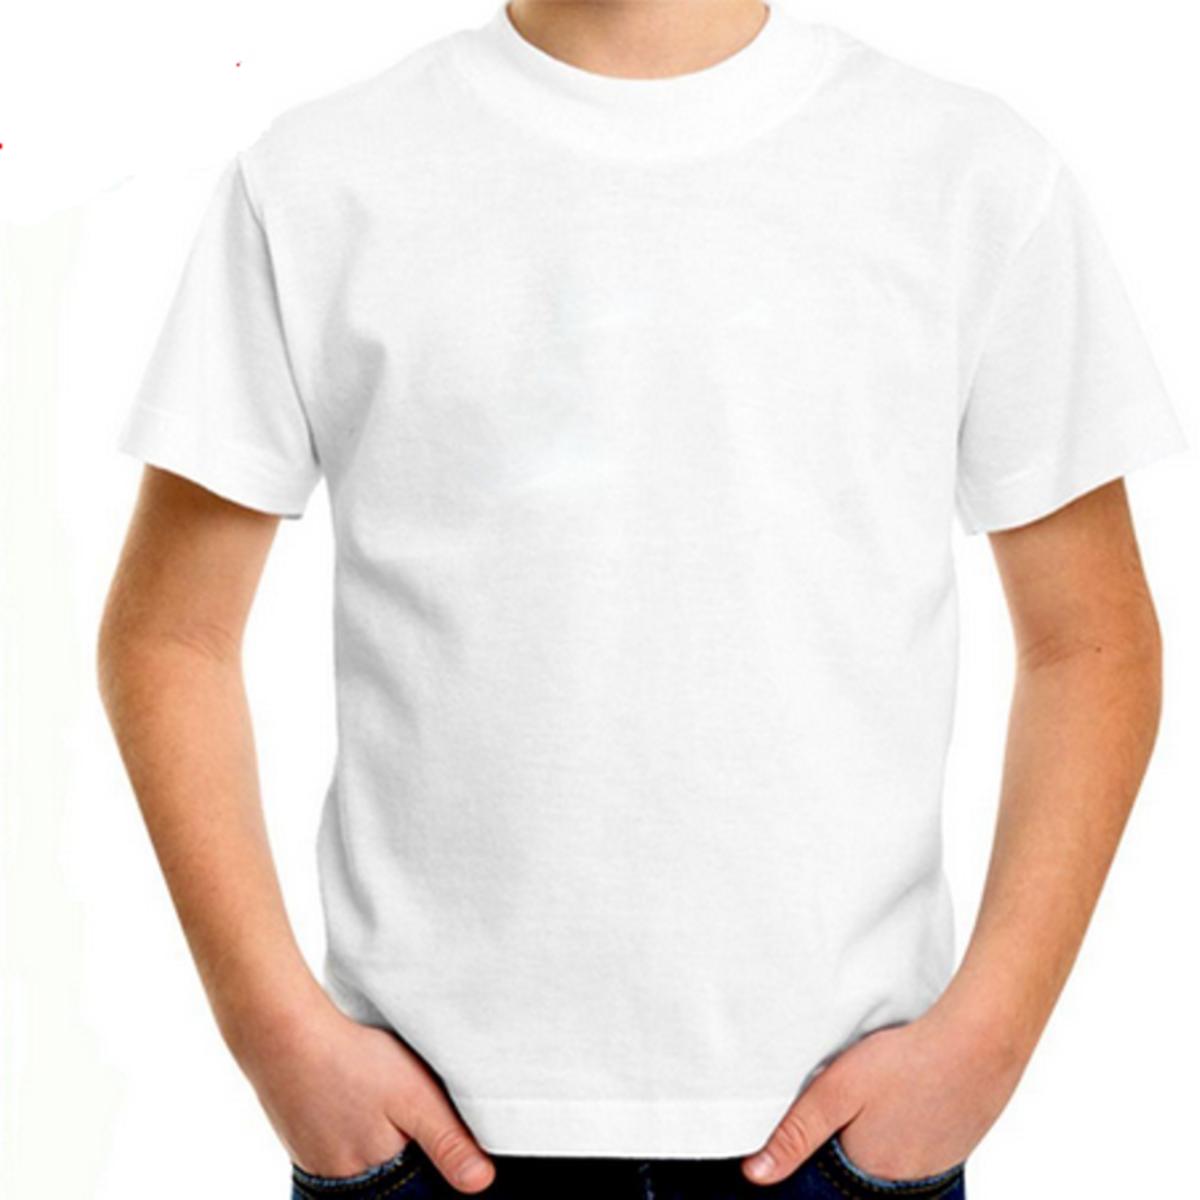 b6a2538980044 kit camiseta algodão penteado infantil branca lisa camisa no Elo7 ...